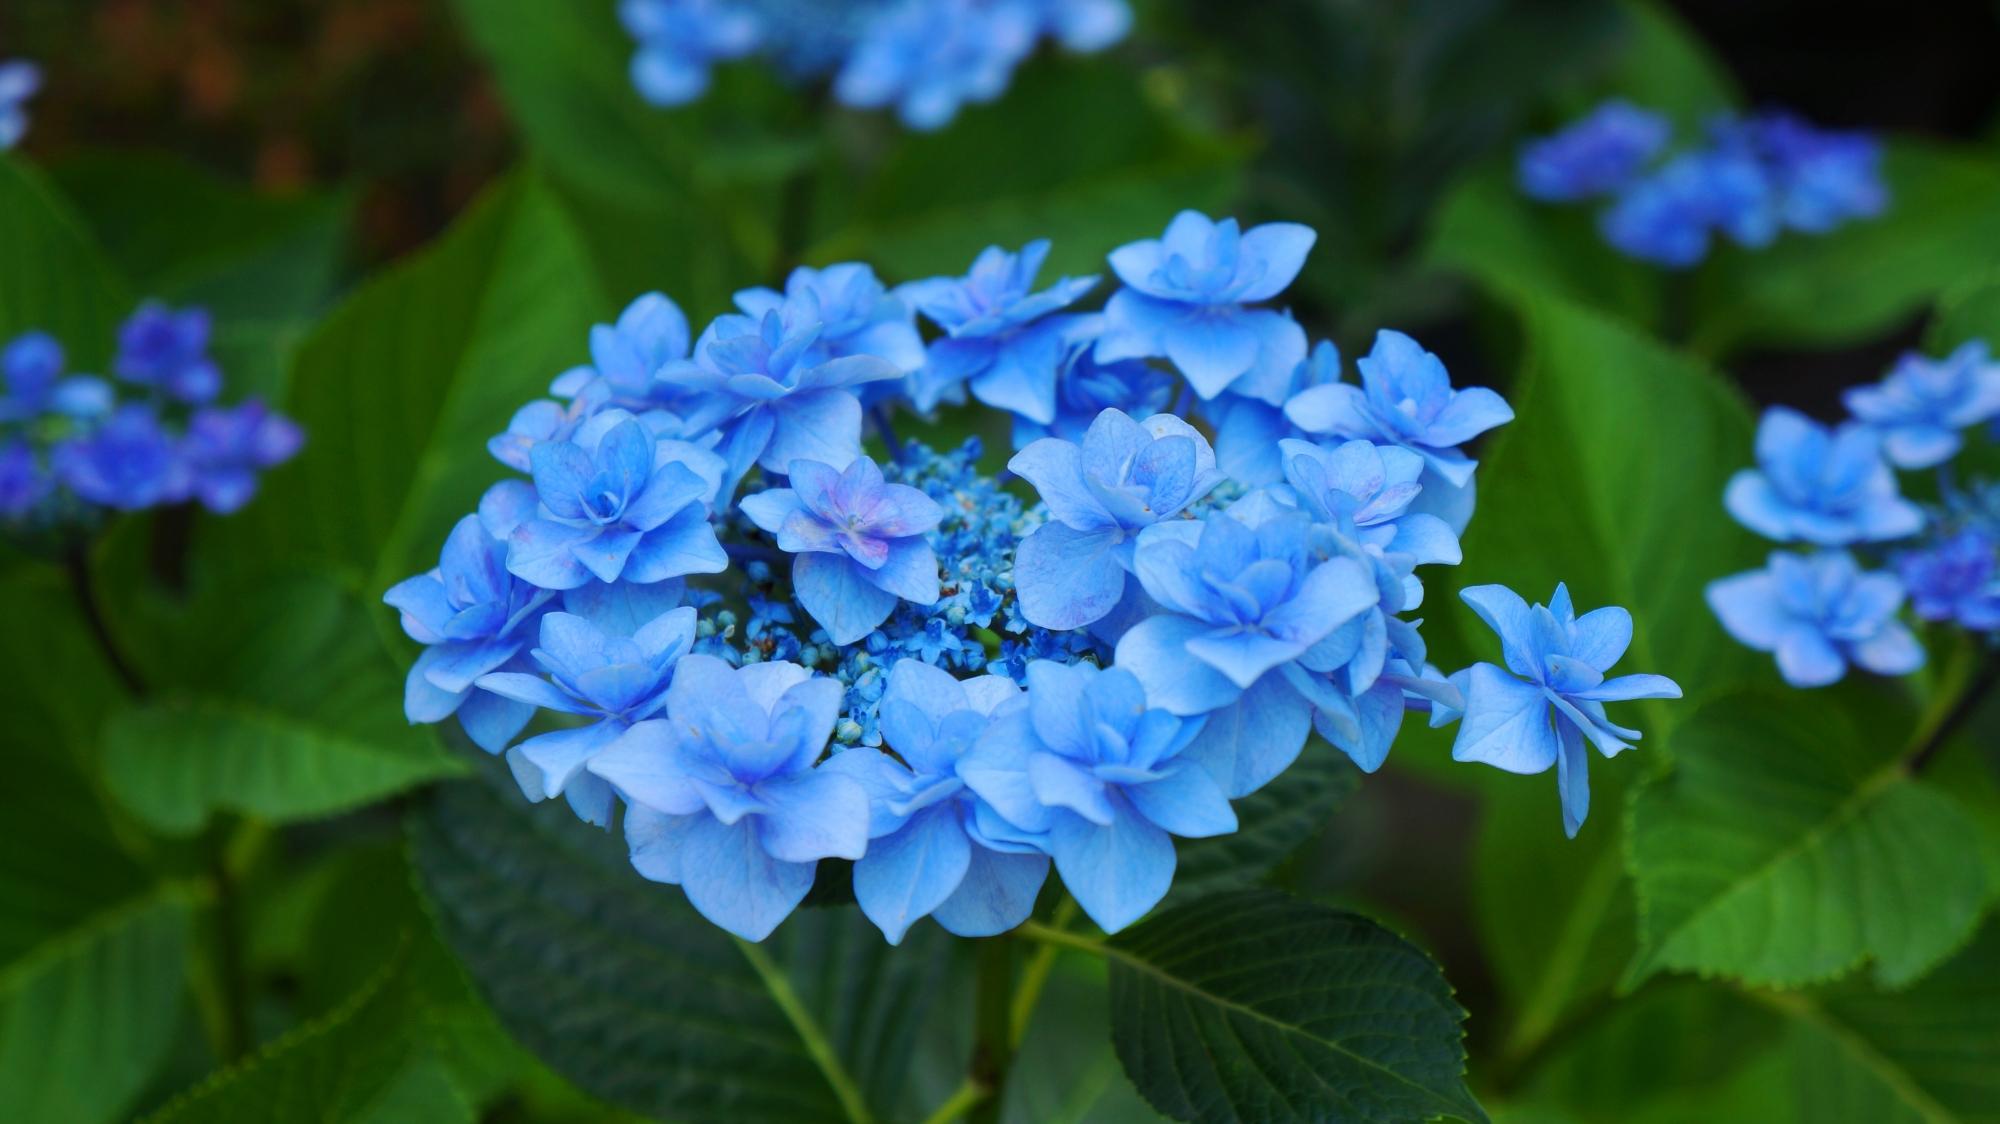 緑の葉の上で華やぐアジサイの青い花びら